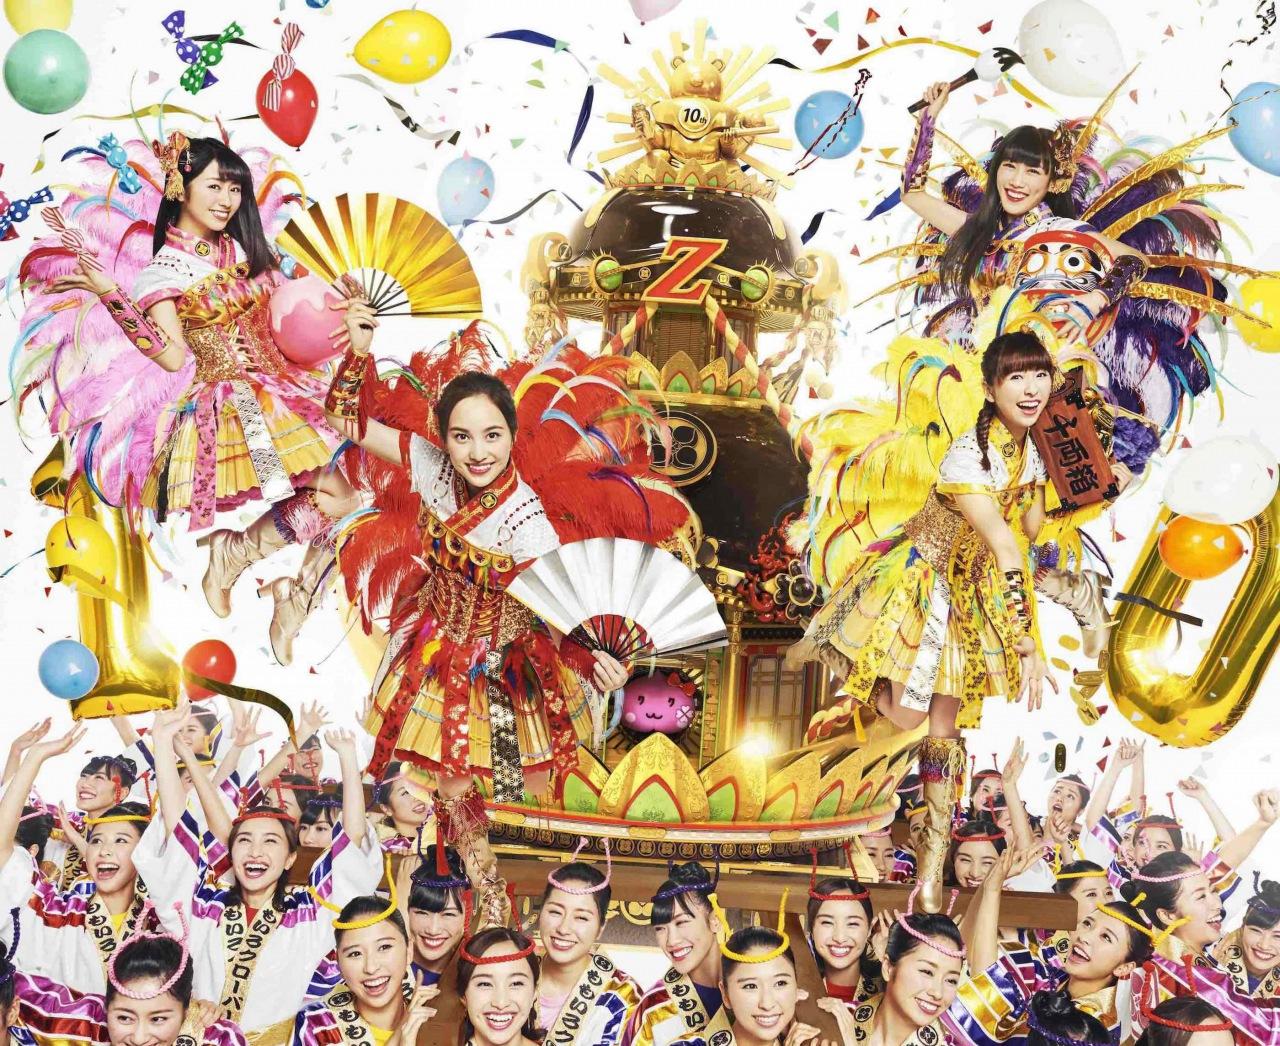 ももクロ、2nd ALBUM『5TH DIMENSION』収録曲をおさめた東京ドームでのライヴTrailerが公開